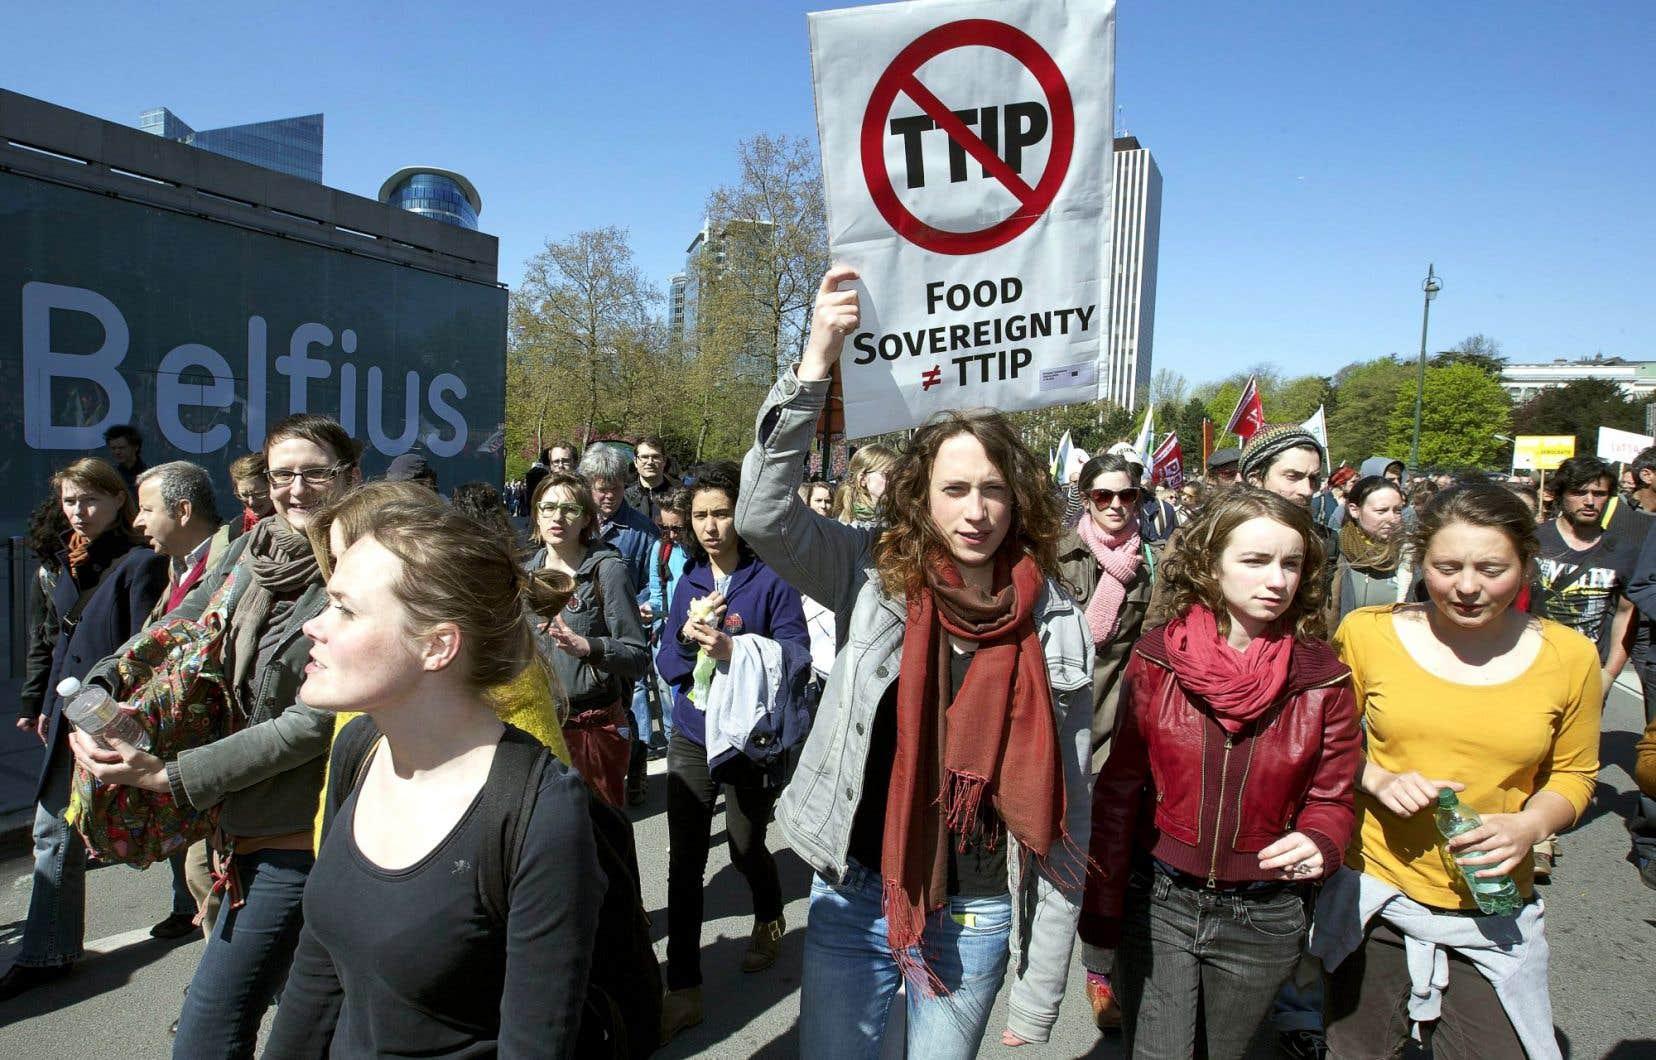 L'opinion publique dénonce de plus en plus les accords de libre-échange, comme ici en Belgique.